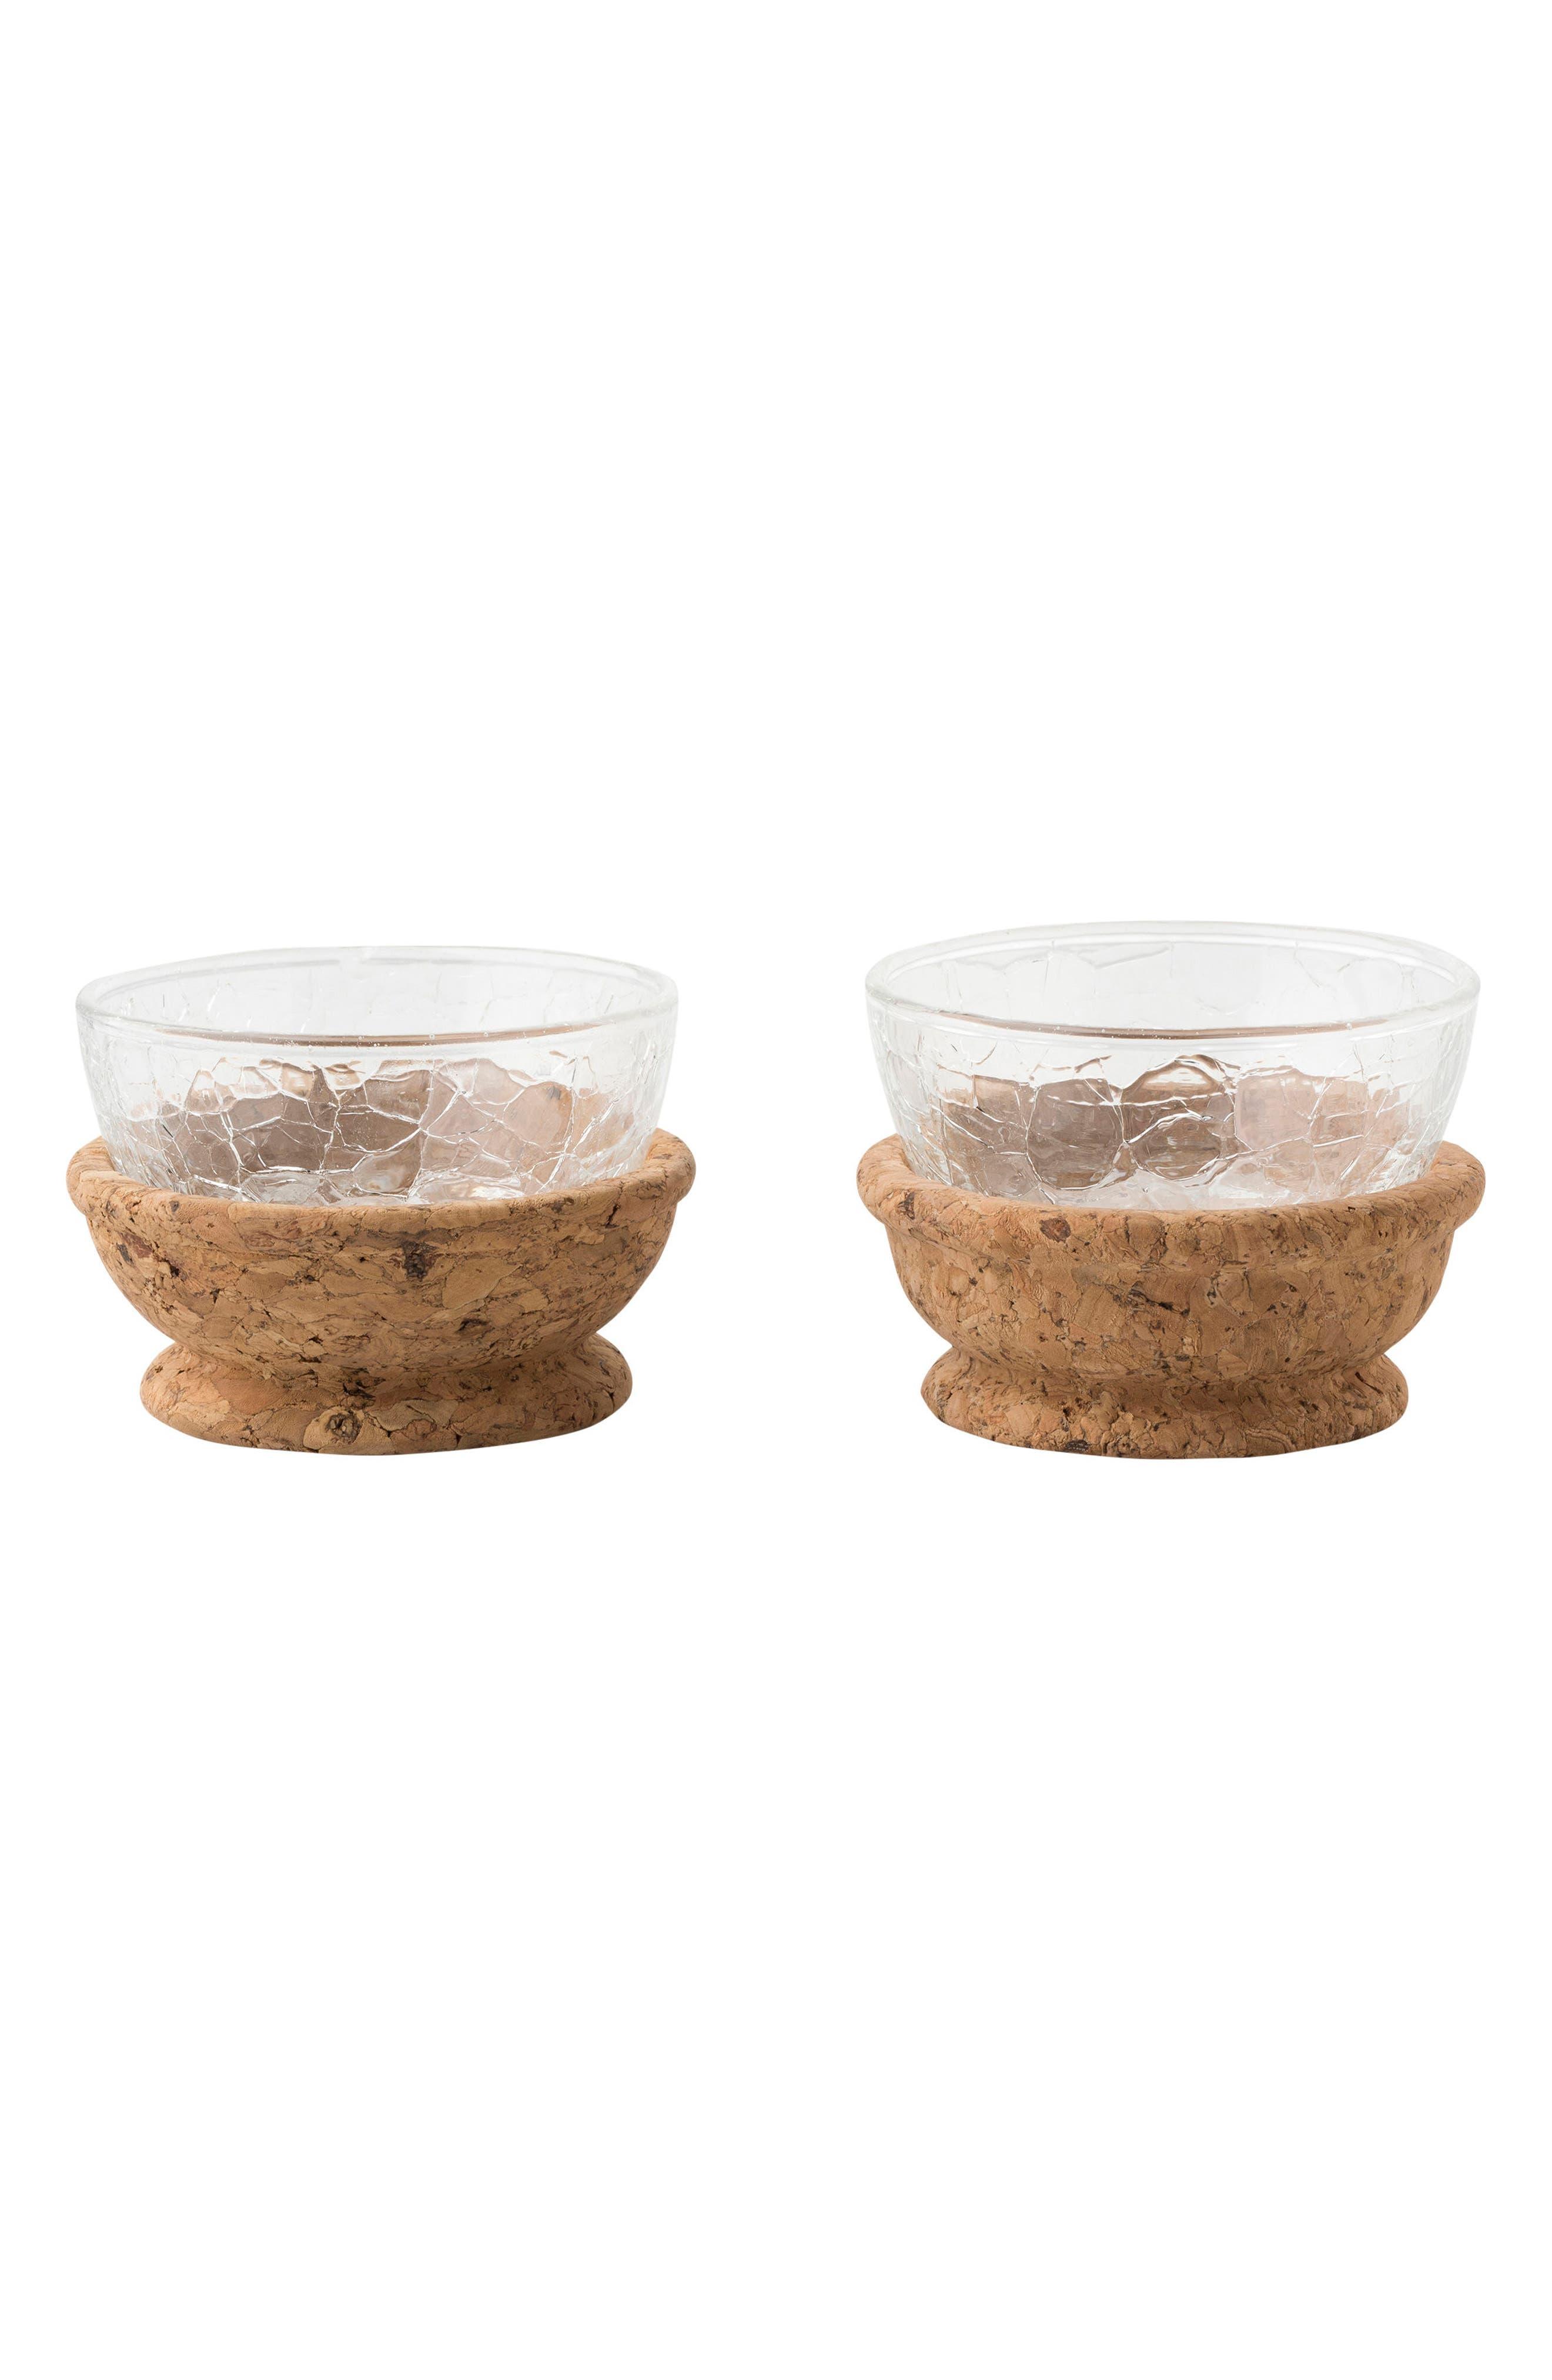 Qunita Hugo Set of 2 Pinch Bowls,                         Main,                         color, NATURAL CORK/ GLASS